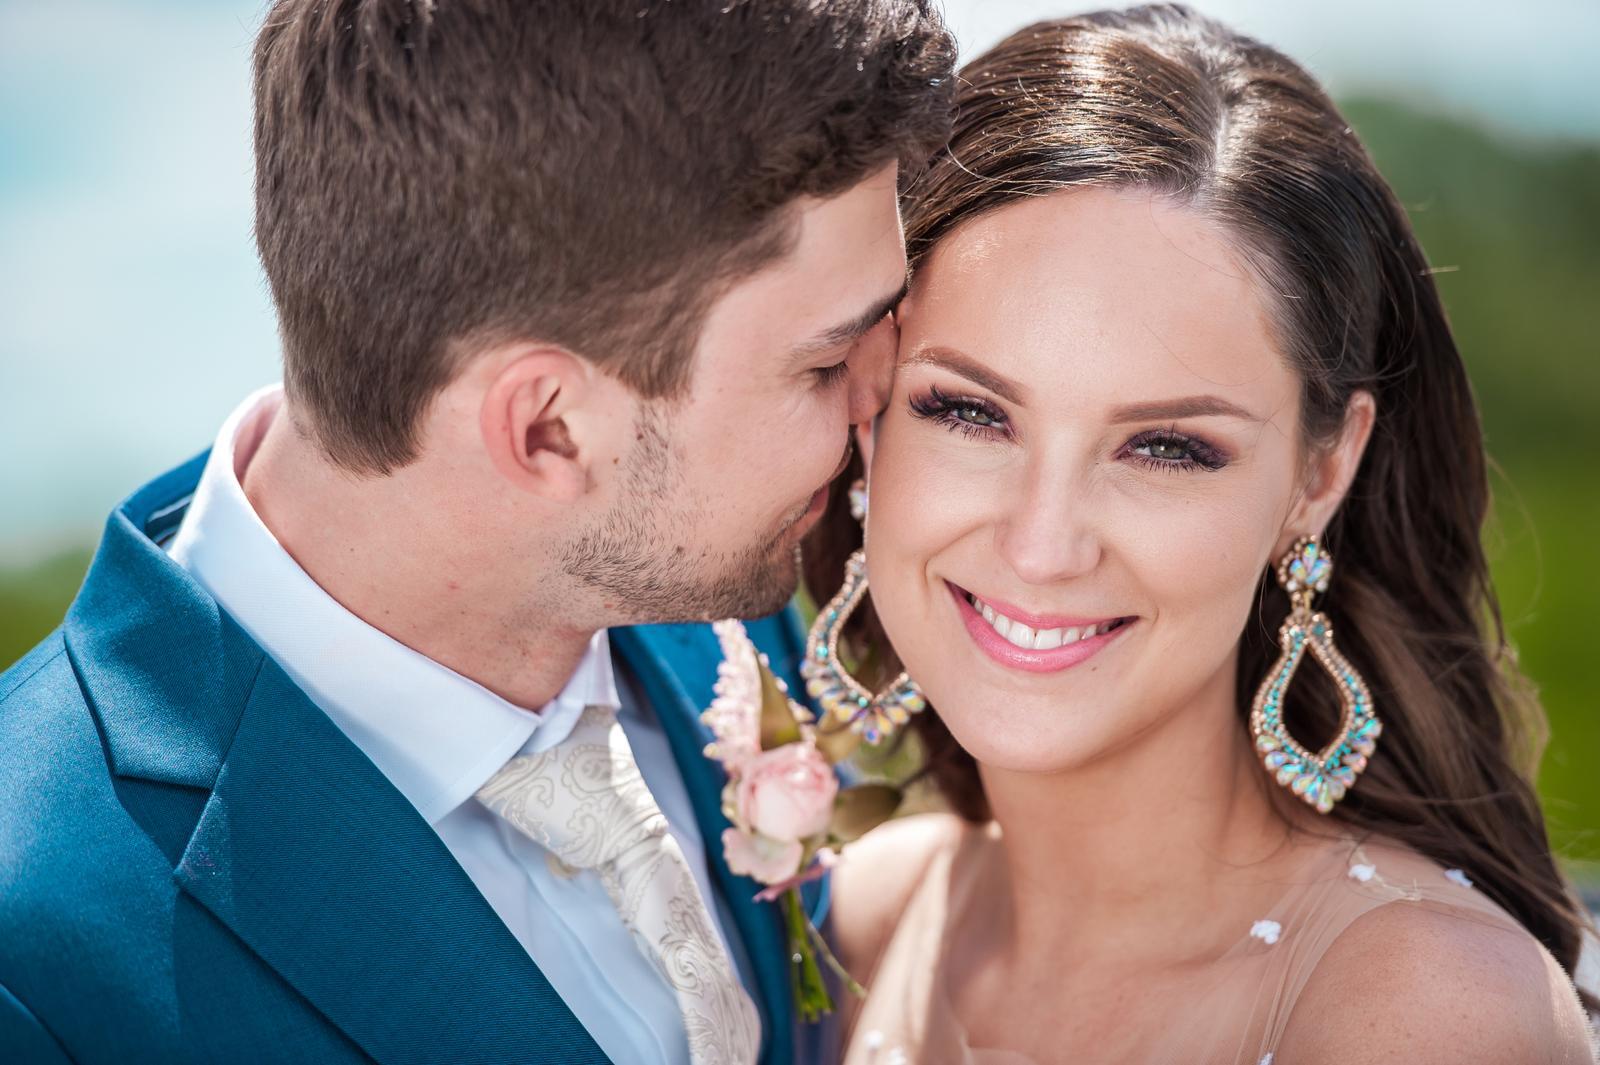 Wedding ♥ - Obrázek č. 1